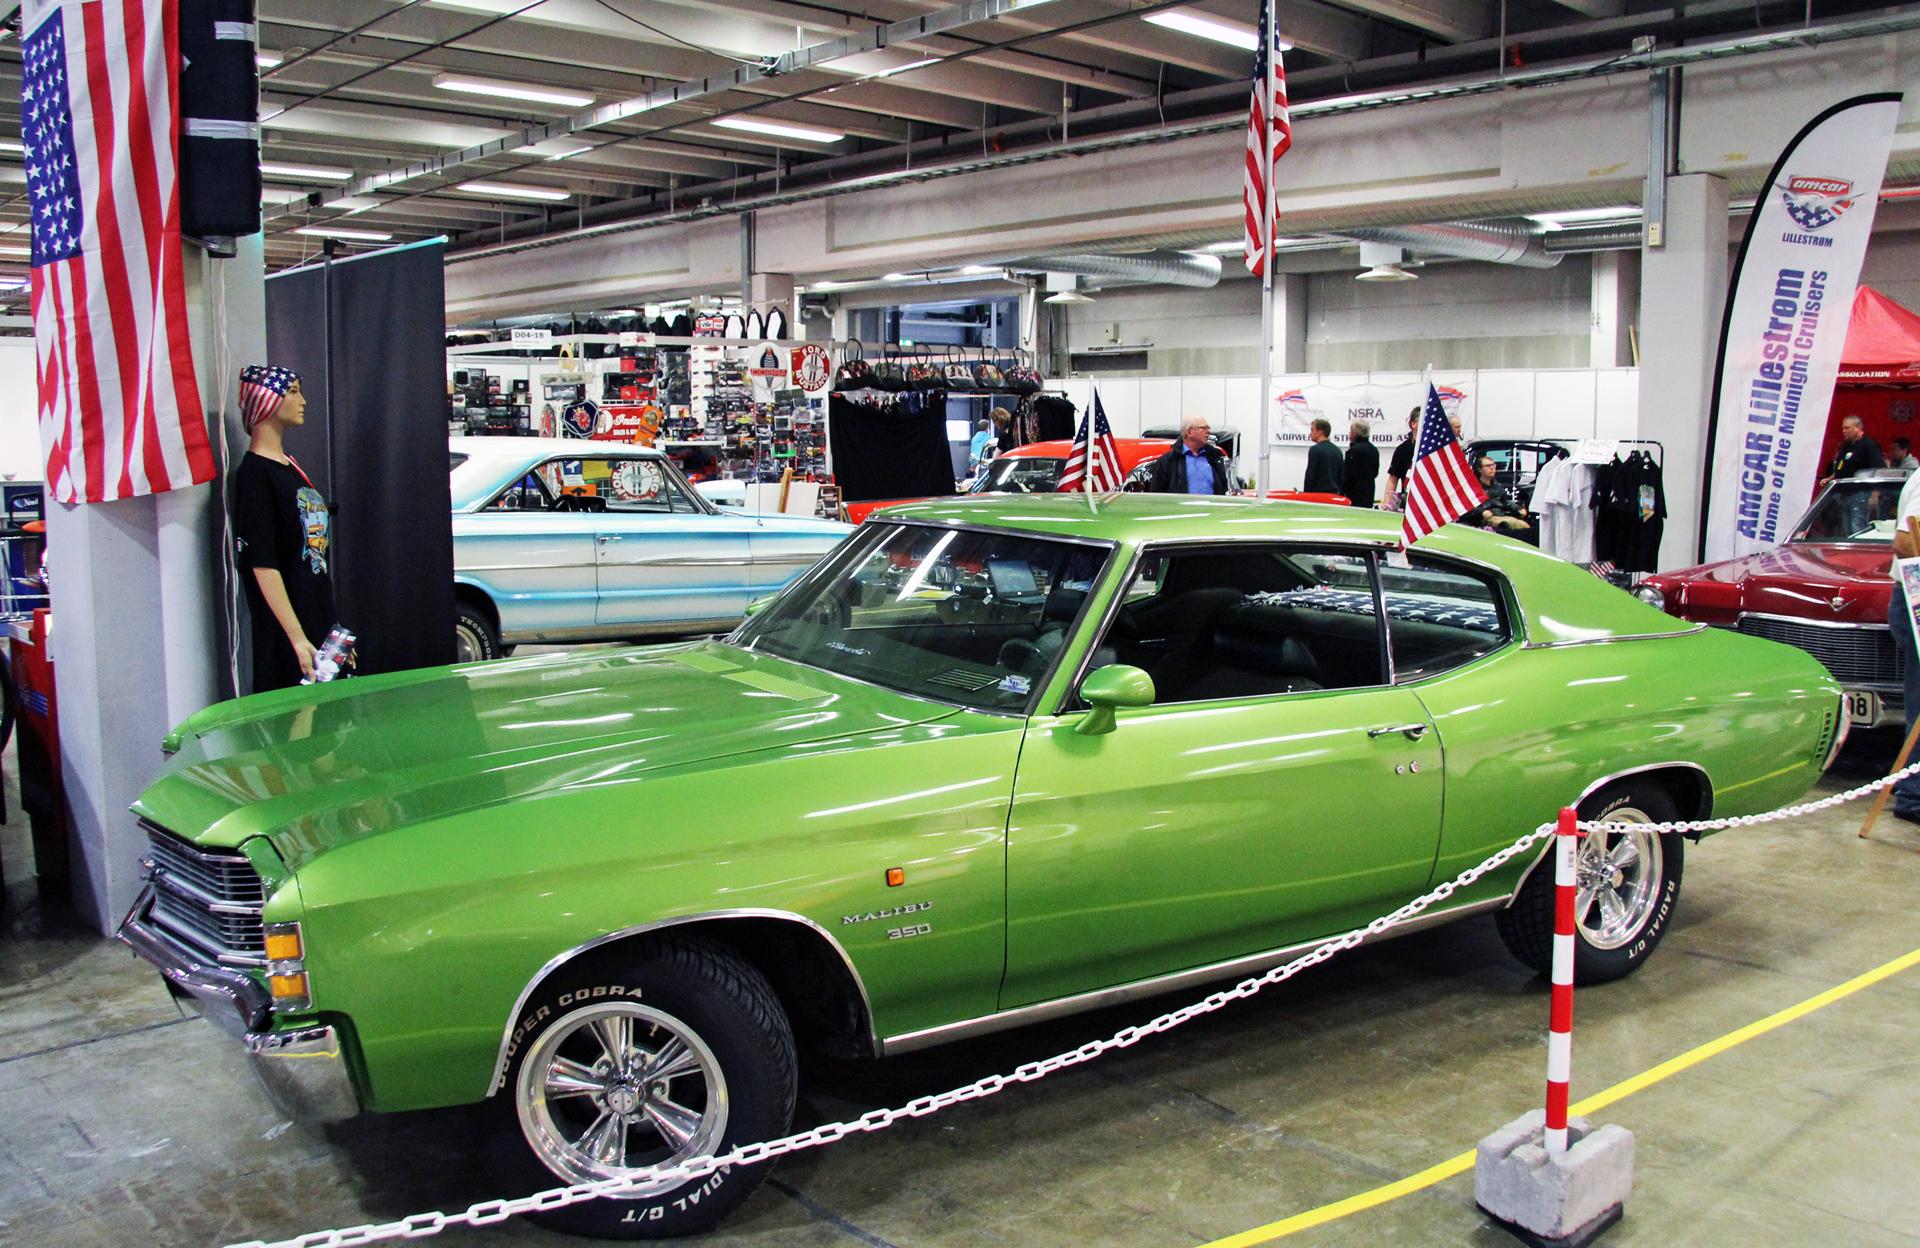 063-1971 Chevrolet Chevelle Malibu, 02, Eiere, 062